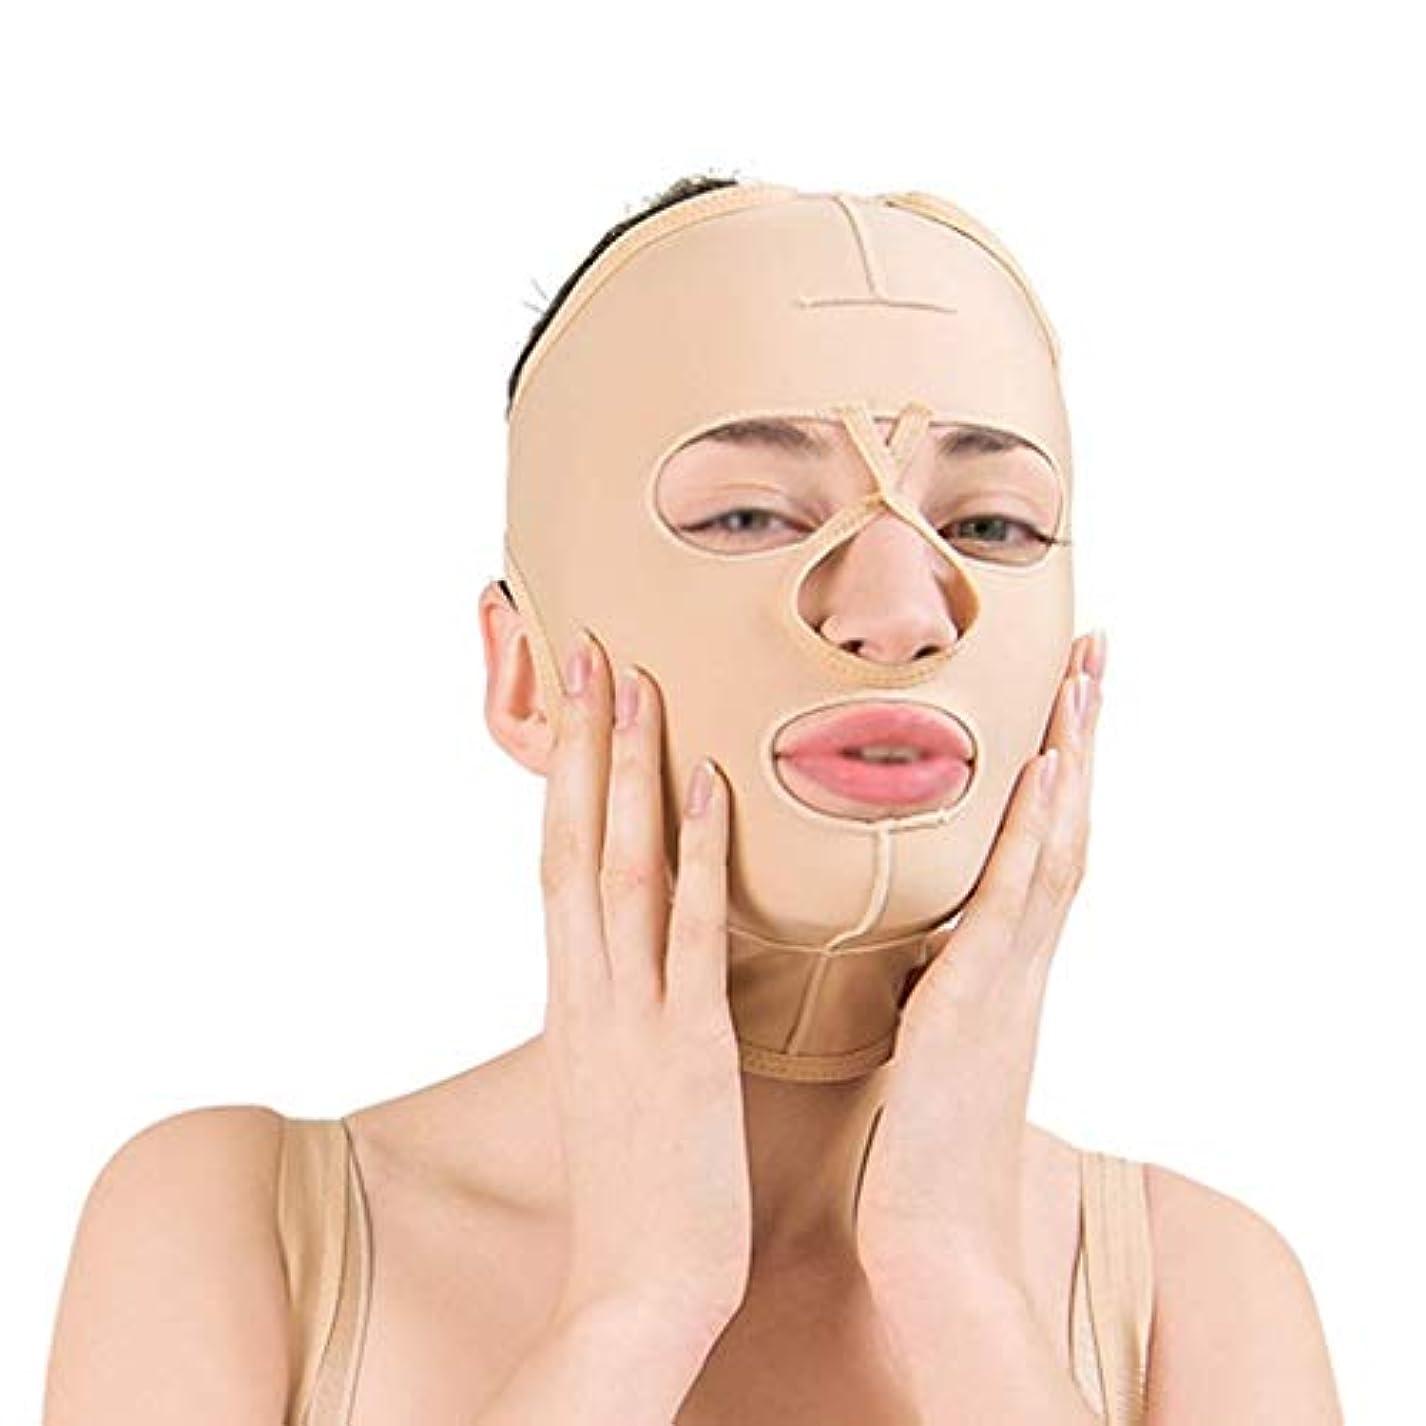 咲く管理者儀式フェイススリミングマスク、フェイスバンデージ付きフェイシャル減量マスク、通気性フェイスリフト、引き締め、フェイスリフティング(サイズ:L),ザ・